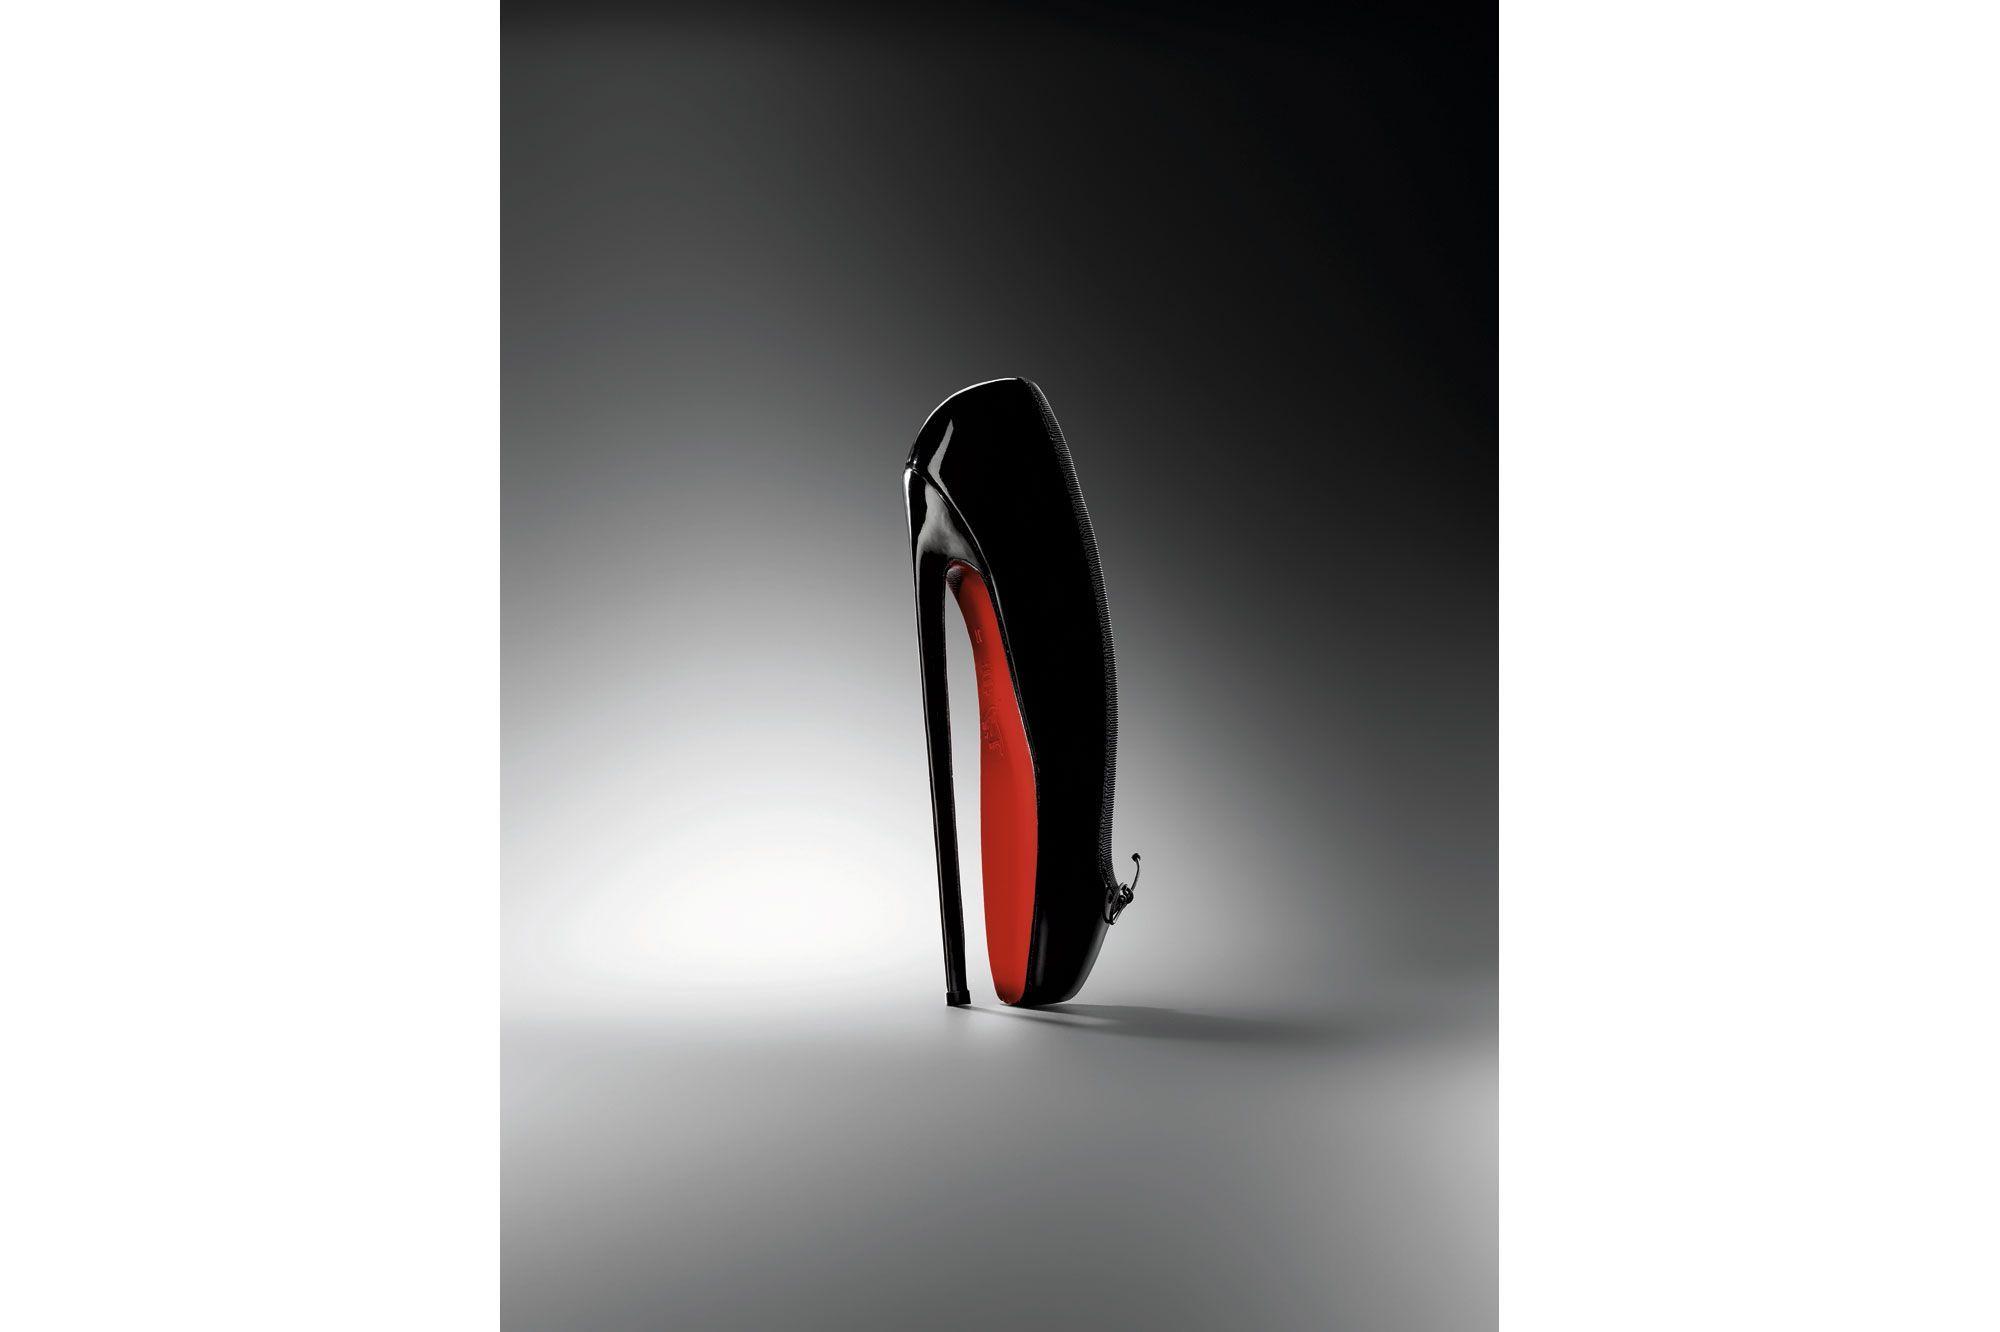 La chaussure en grande pompe